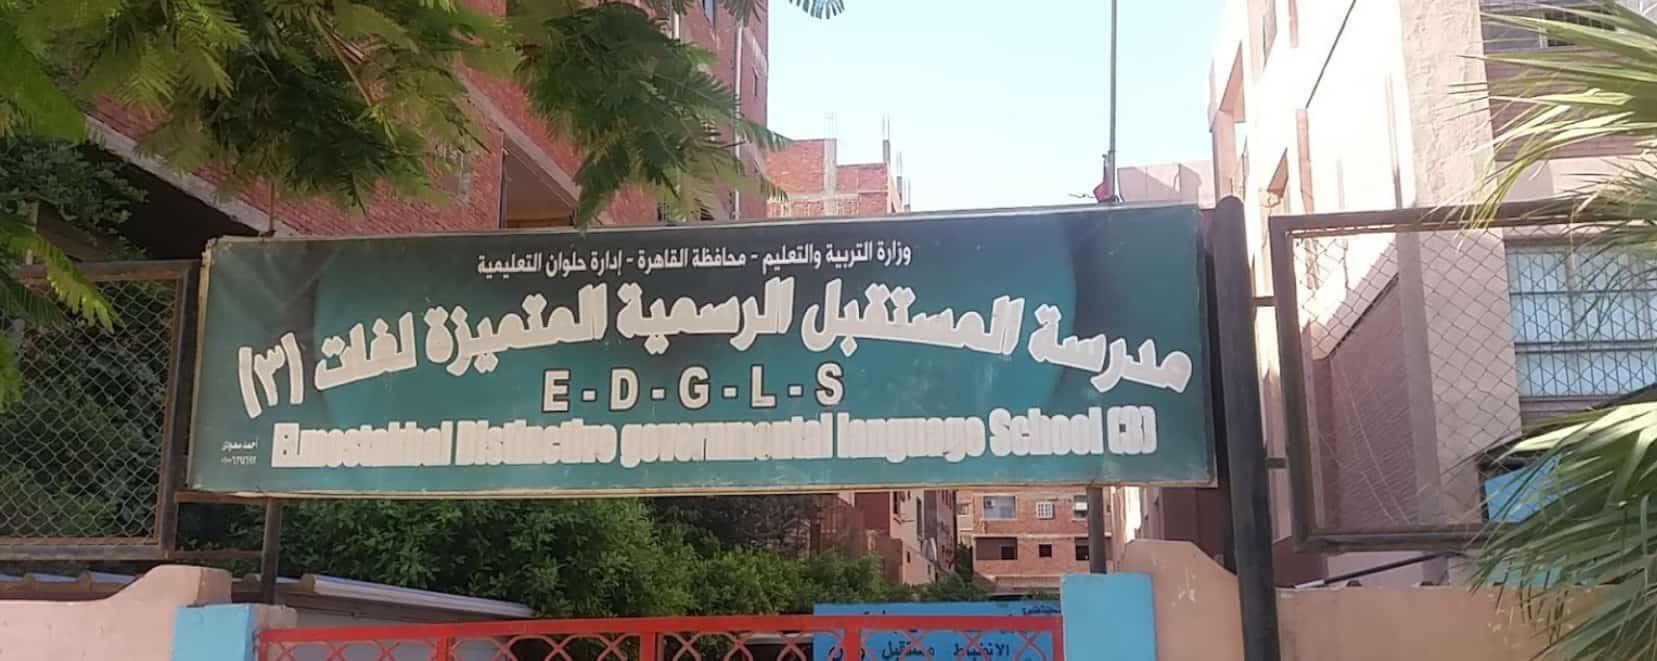 مدرسة المستقبل الرسمية المتميزة لغات 3